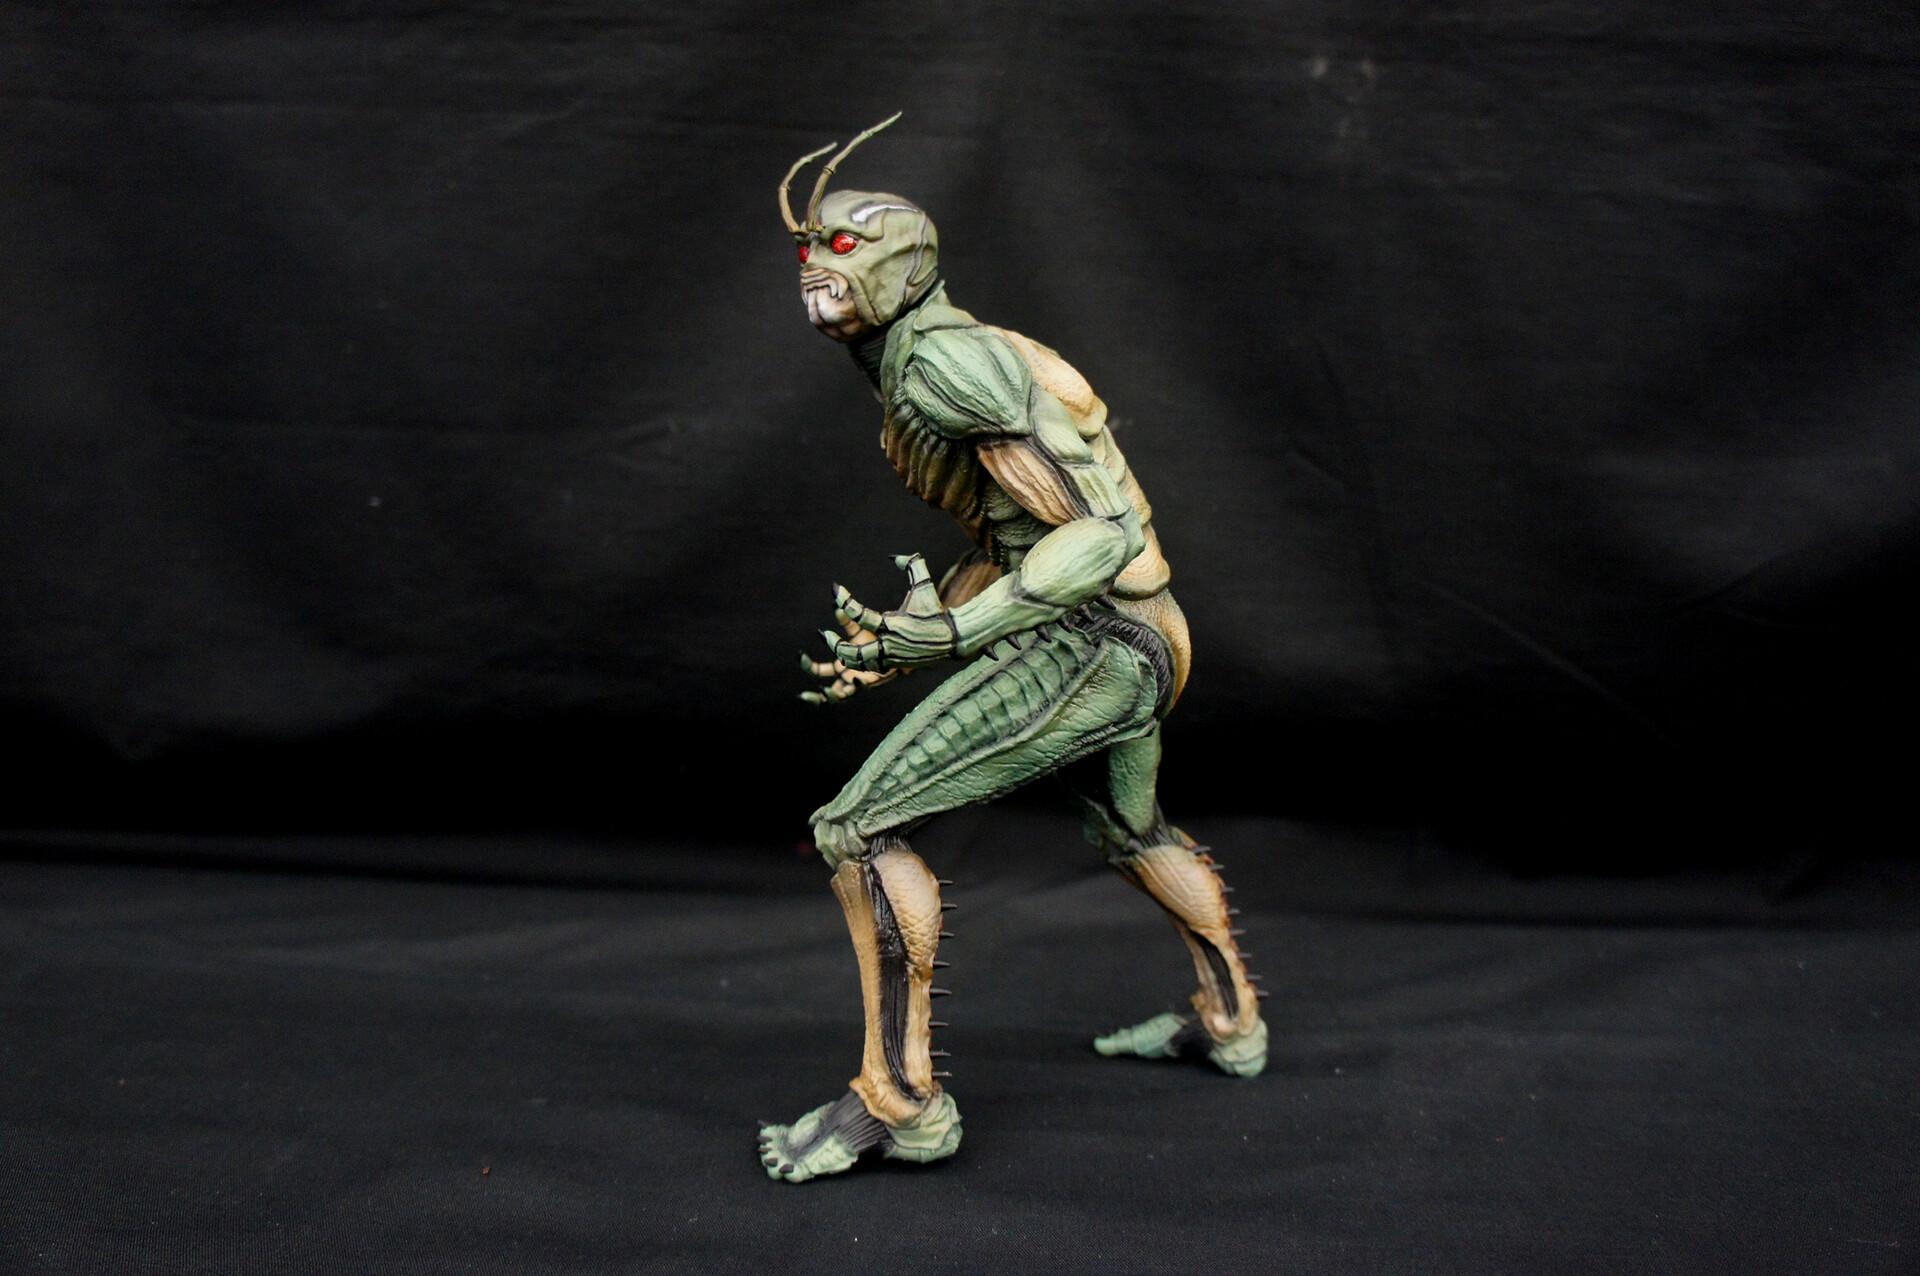 真・仮面ライダー  Shin Kamen Rider 1:6 scale Art Statue  https://www.solidart.club/